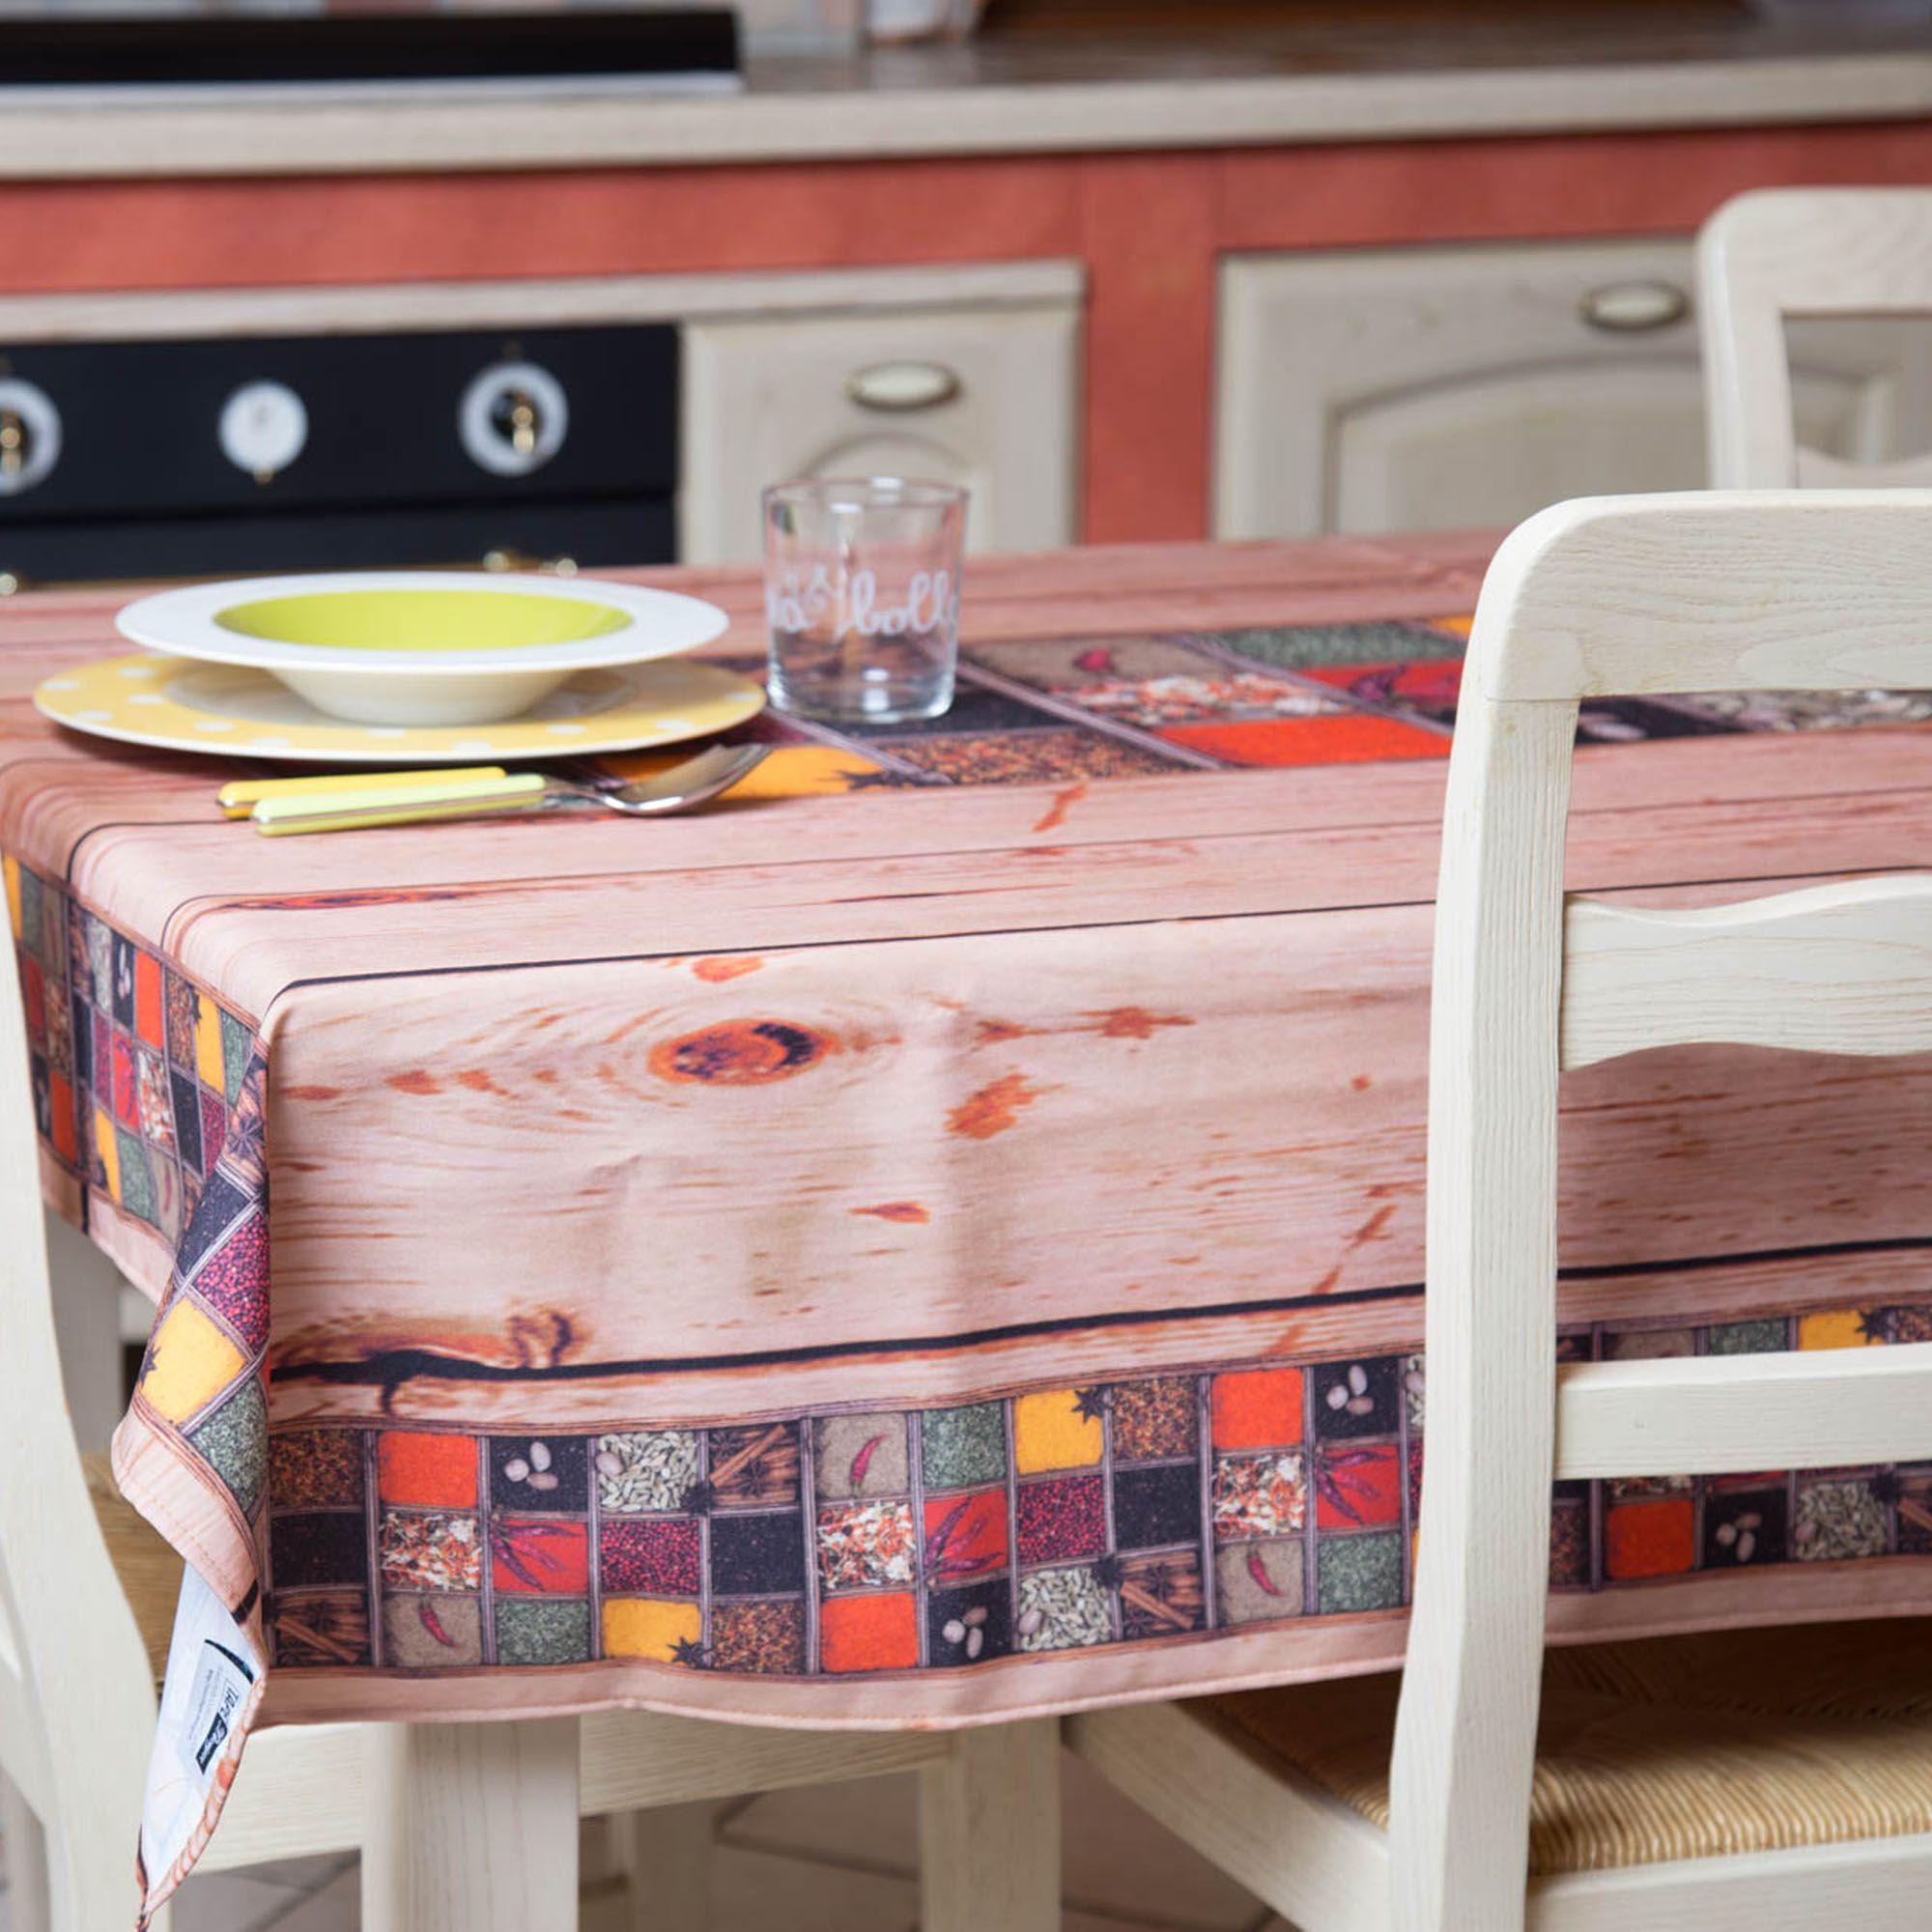 Tap design tovaglia con stampa digitale qvc italia - Qvc marchi cucina ...